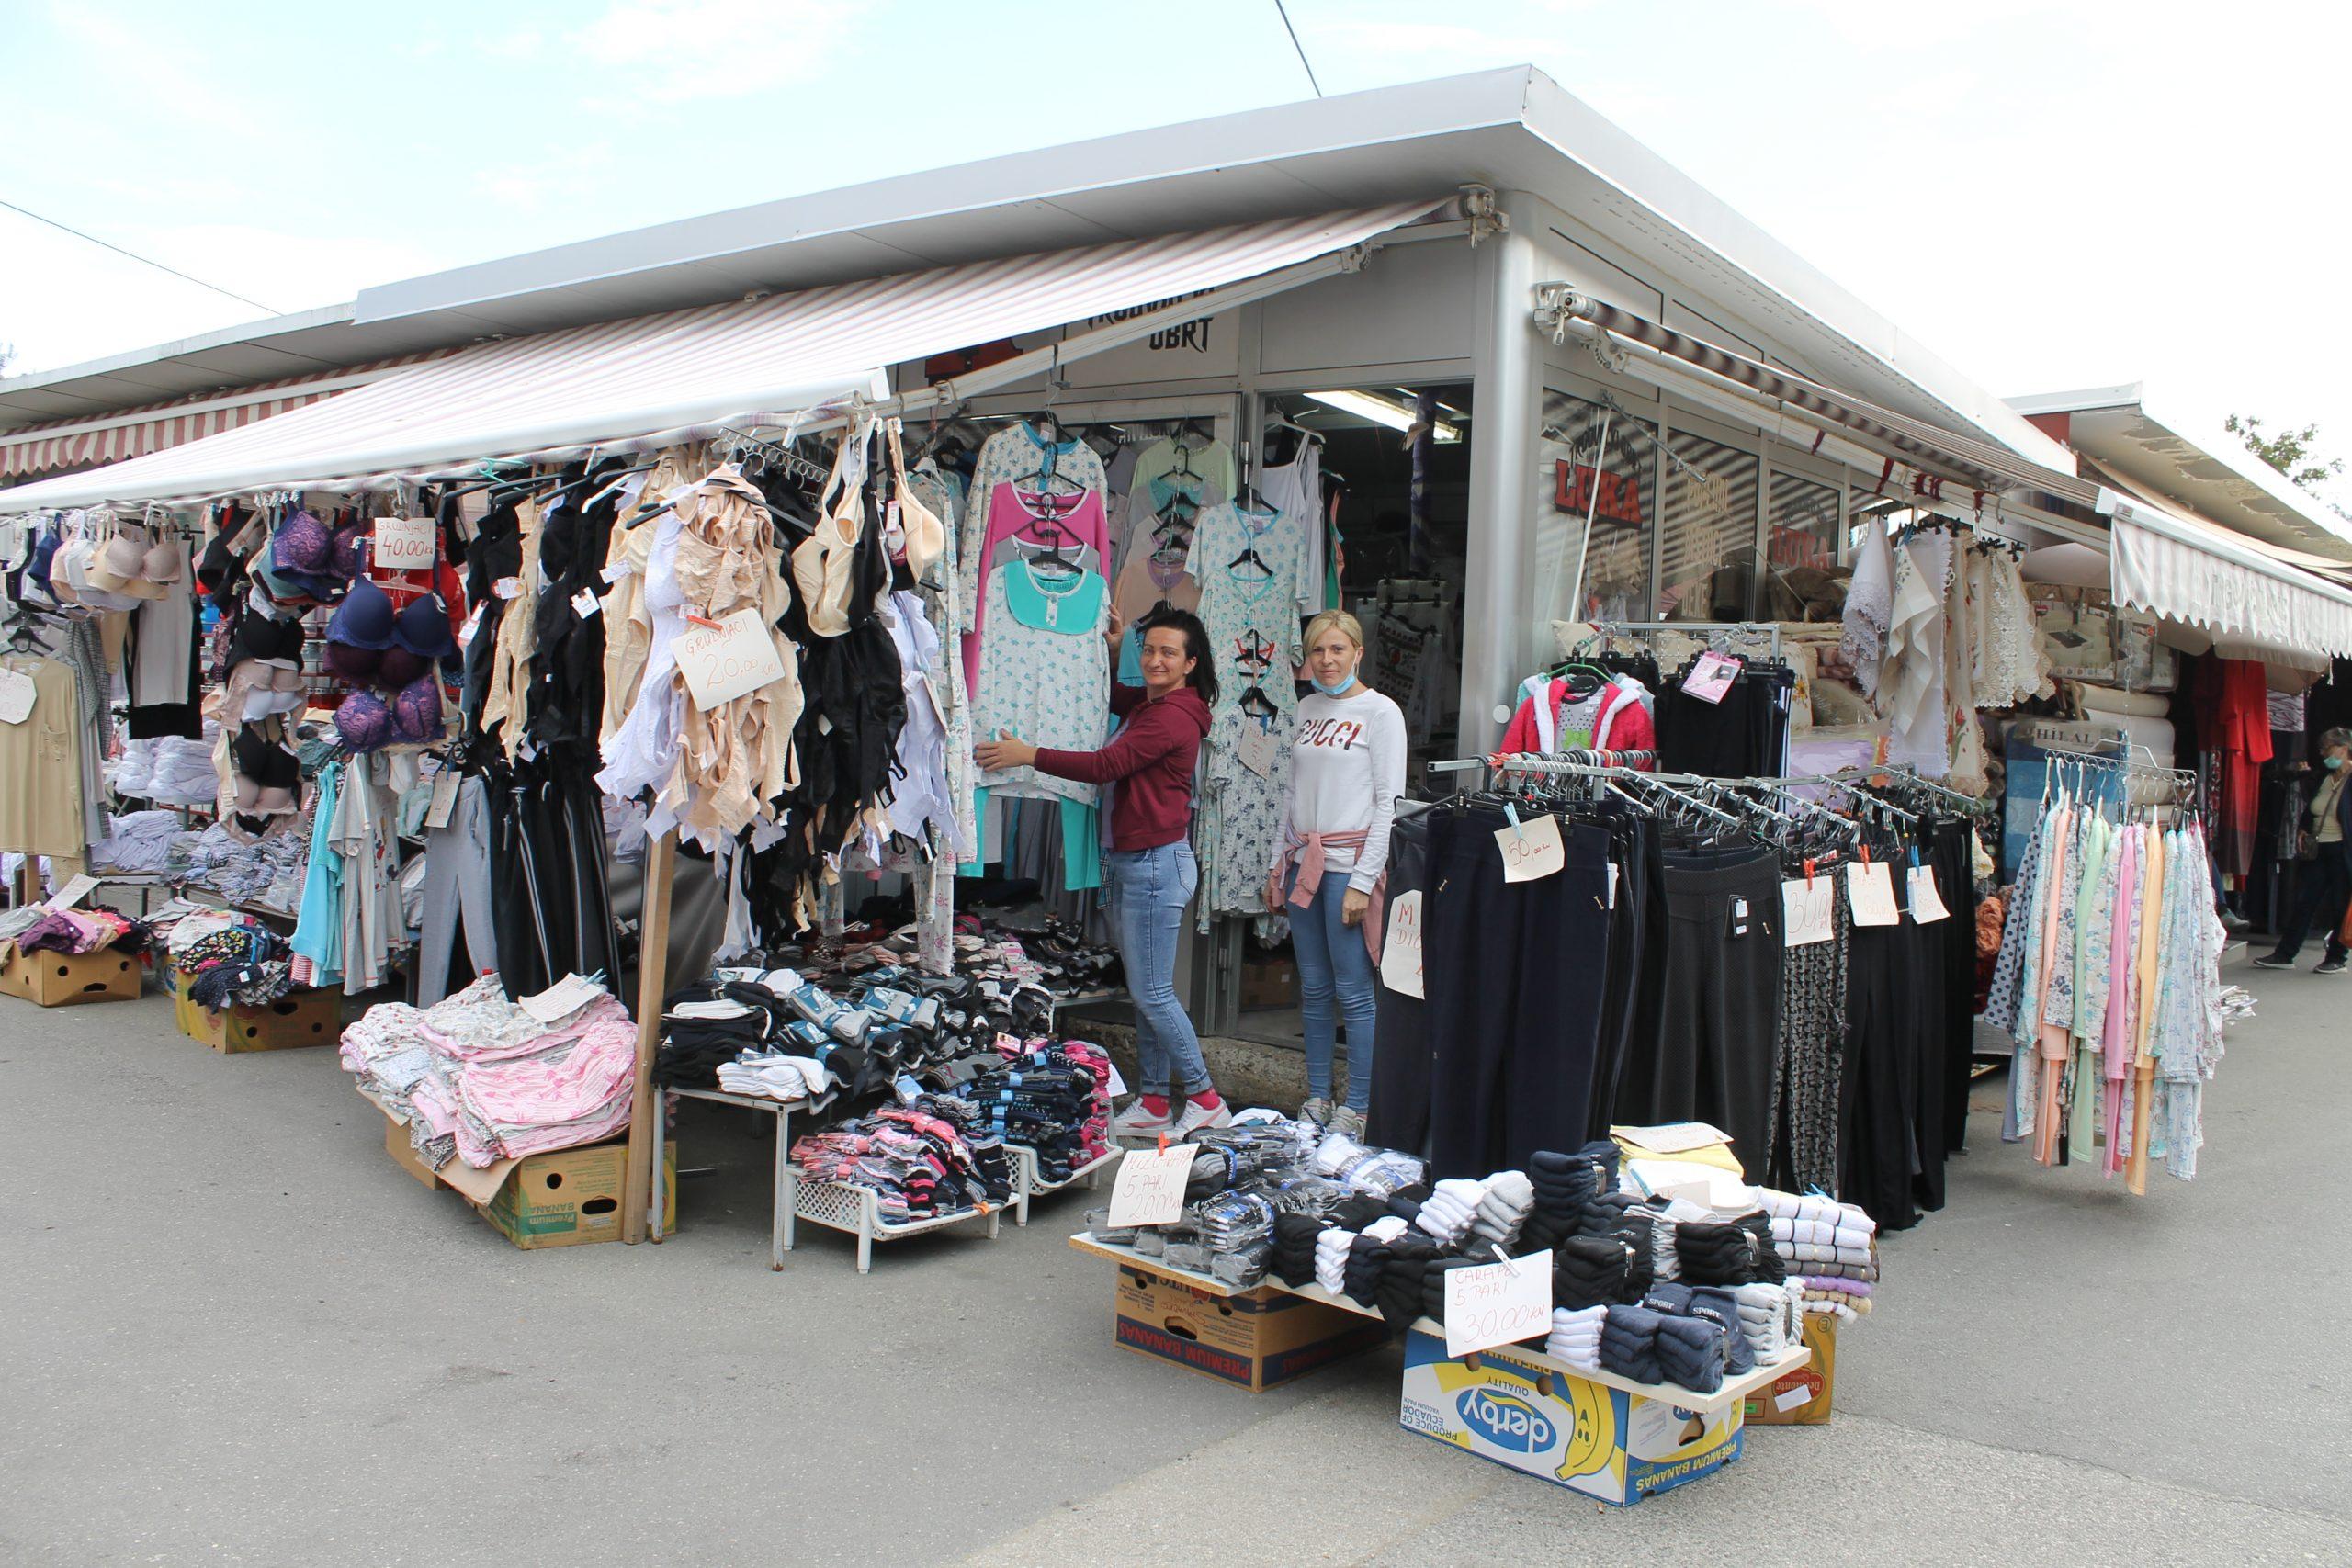 Sve što vam je potrebno od kućnog tekstila na jednom mjestu – Obrt Luka na Gradskoj tržnici